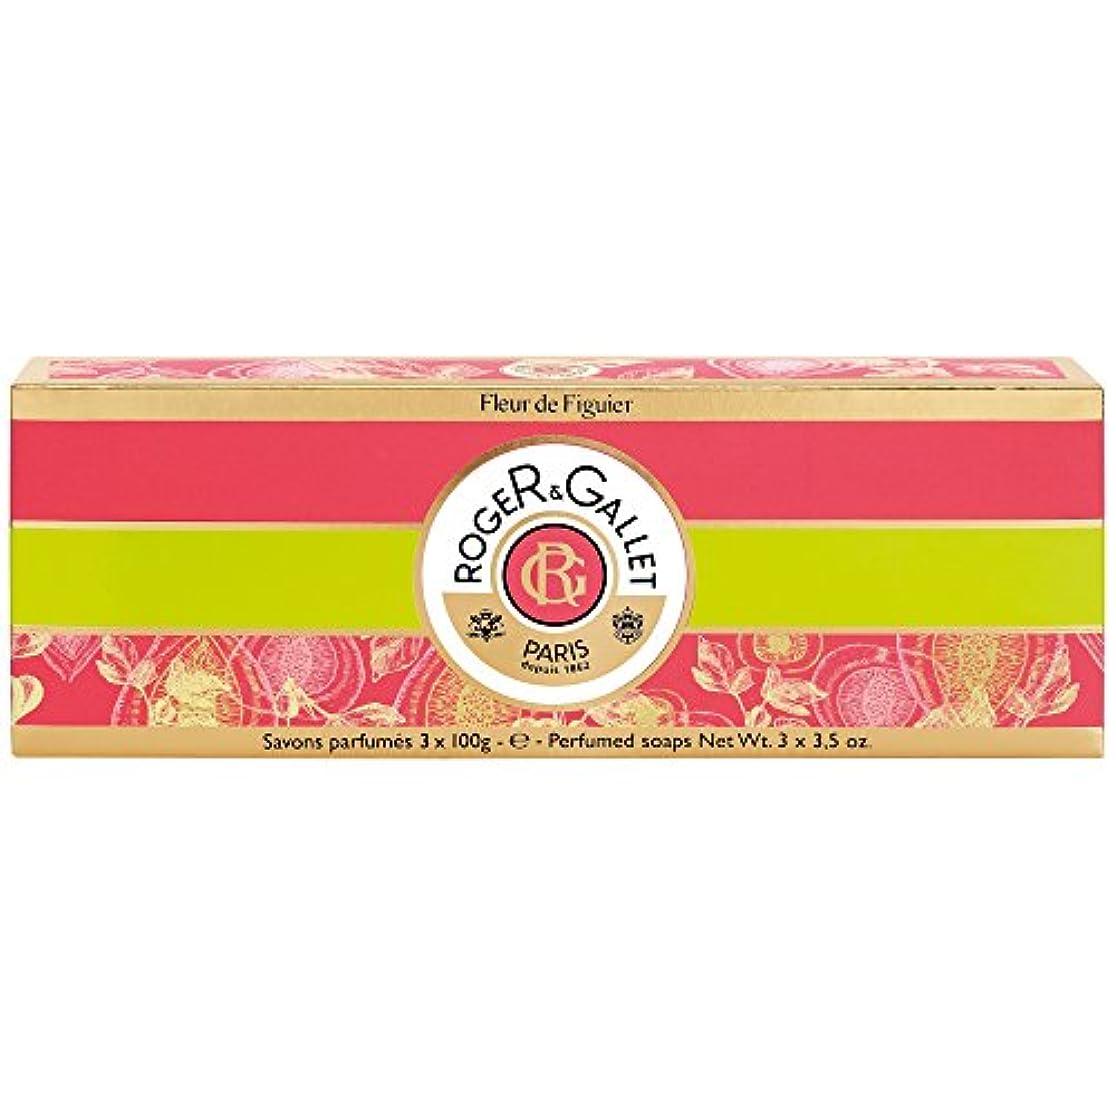 証言するケントフィードオンロジャー&Galletのフルール?ド?フィギエソープコフレ3×100グラム (Roger & Gallet) - Roger & Gallet Fleur de Figuier Soap Coffret 3 x 100g...